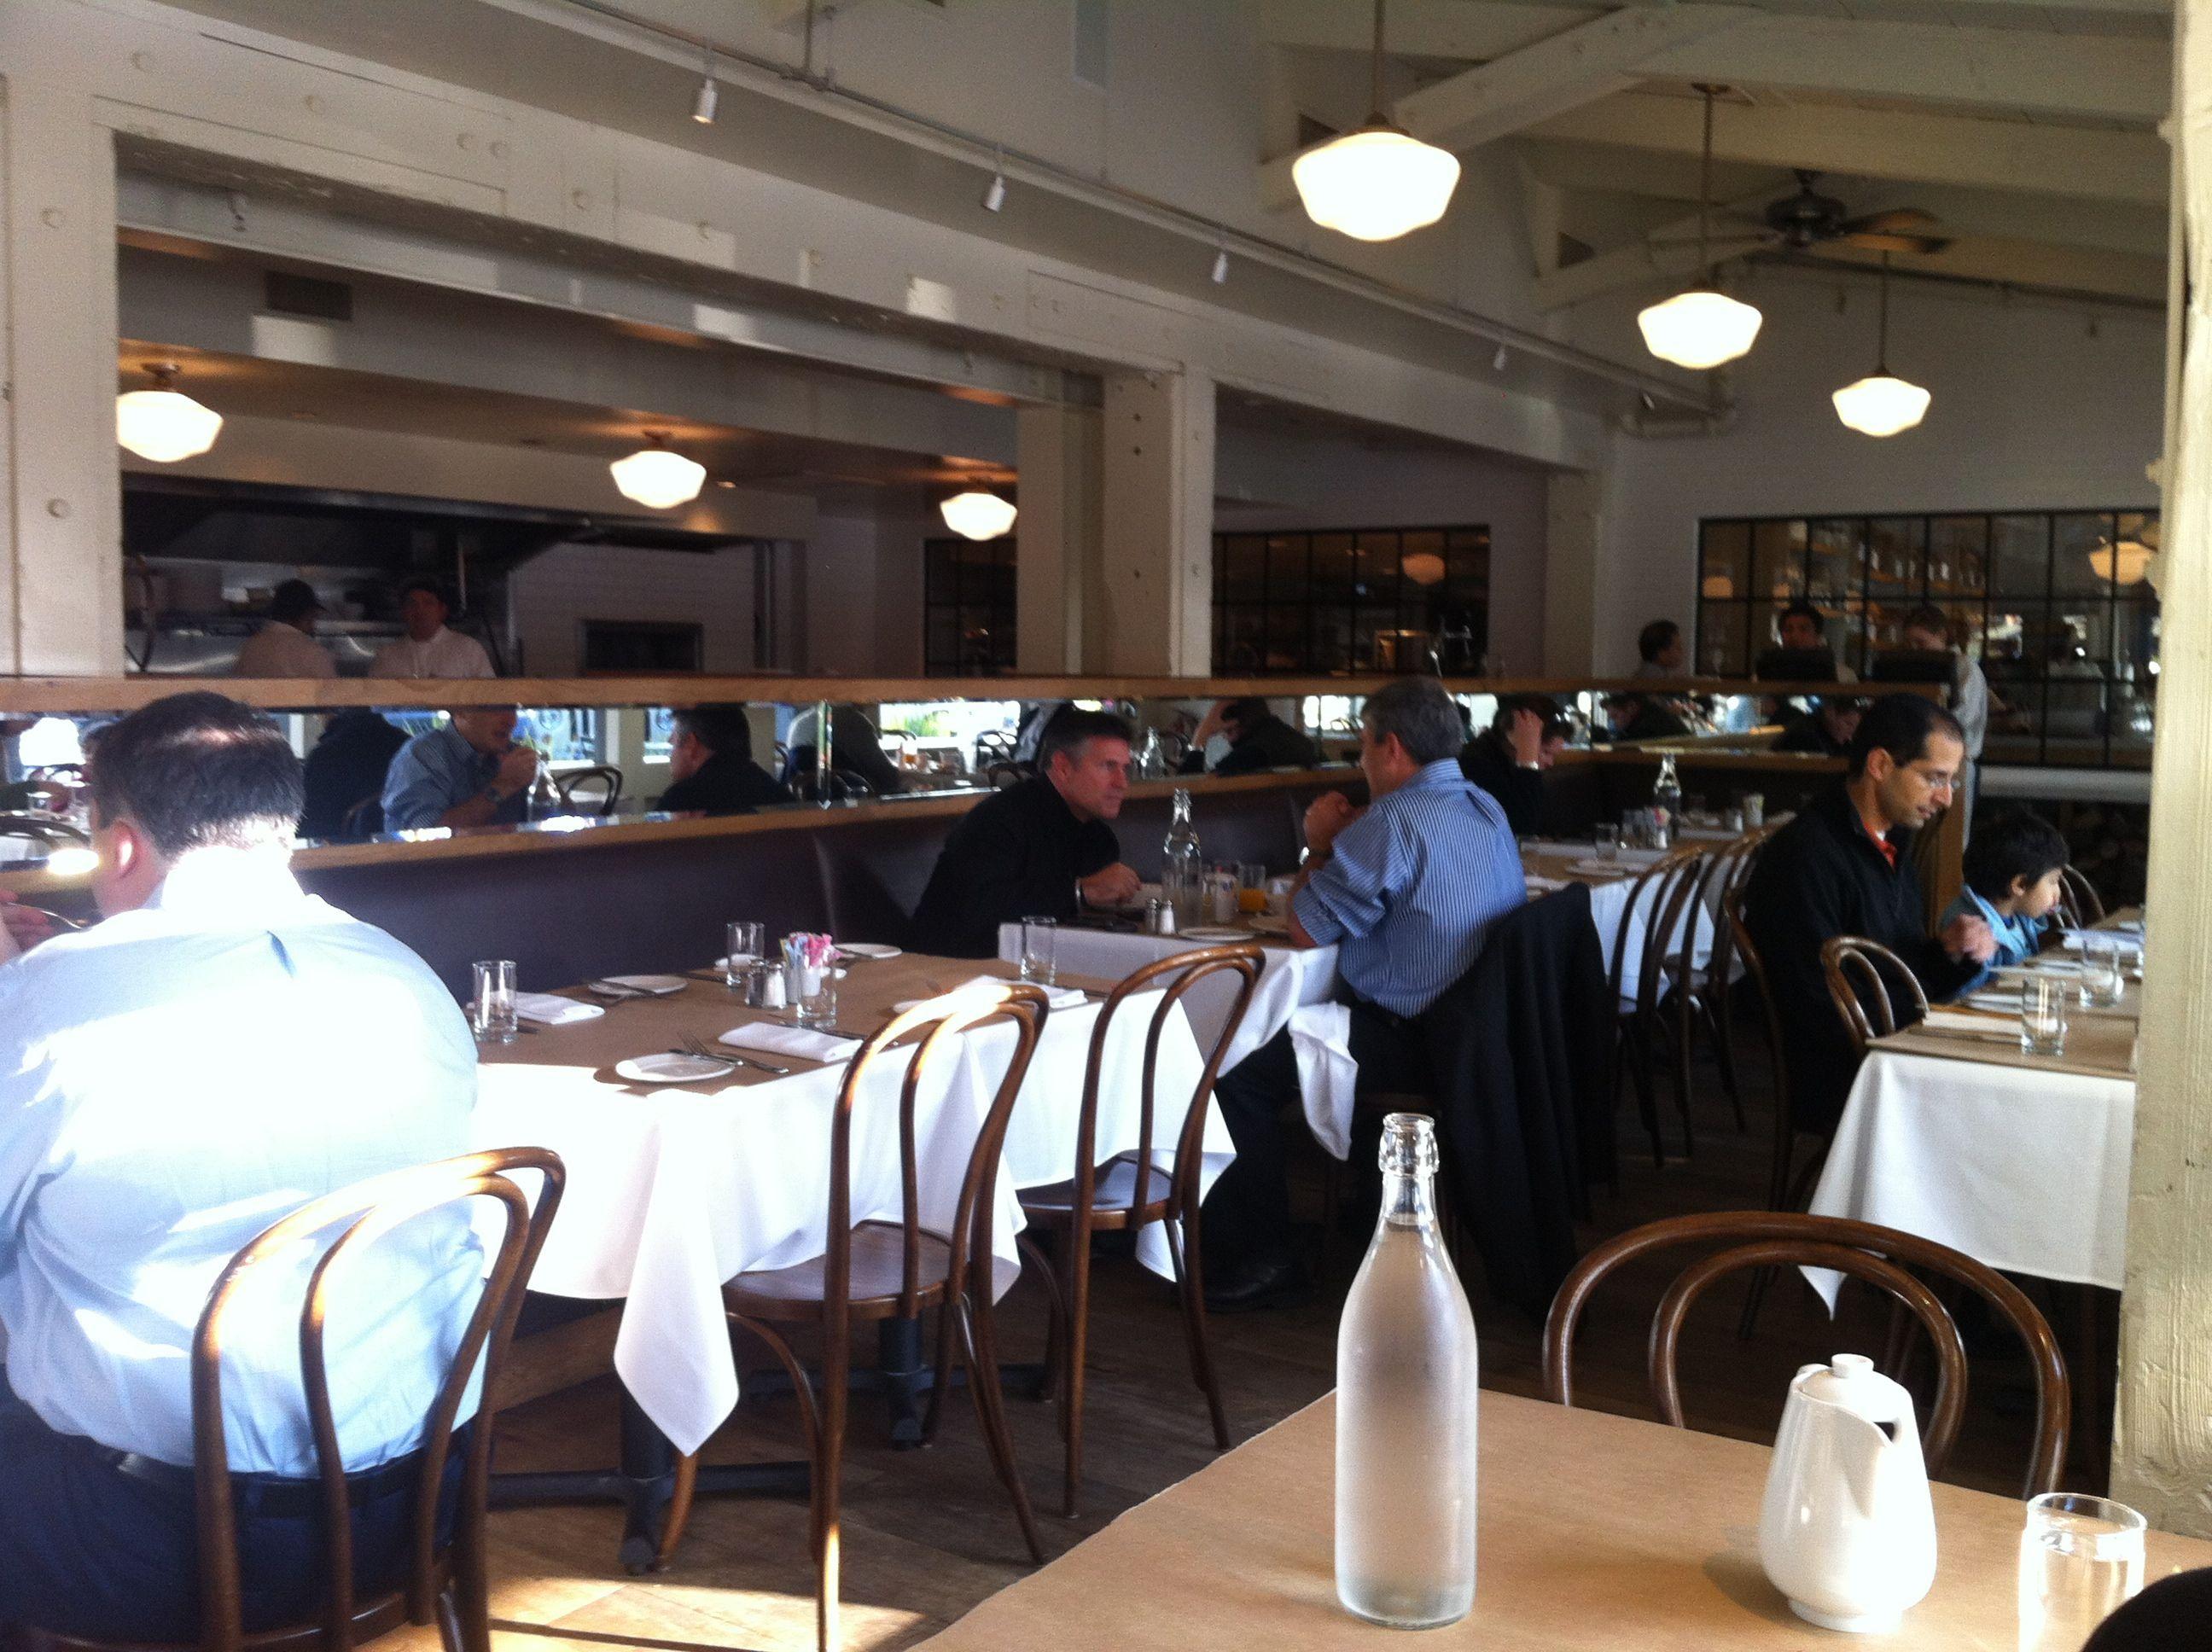 Mayfield bakery cafe bakery cafe bakery nyc restaurants